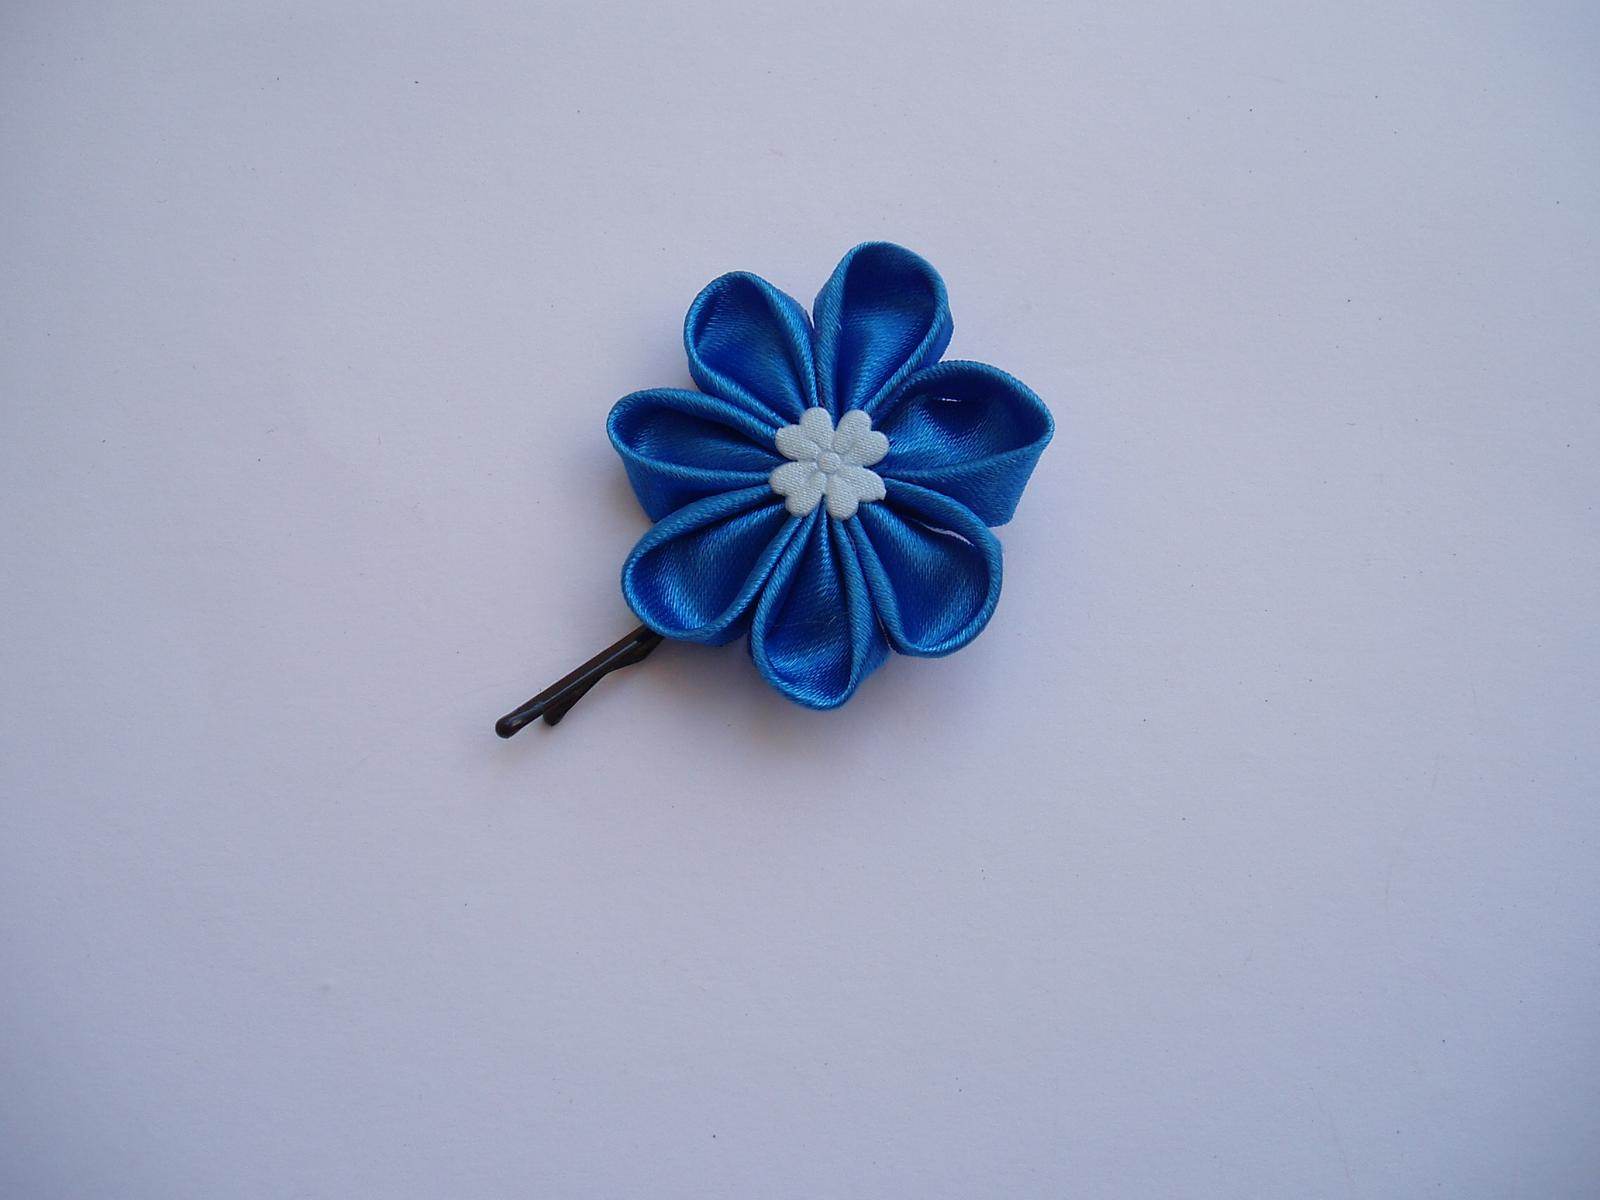 květinová sponka - Obrázek č. 1